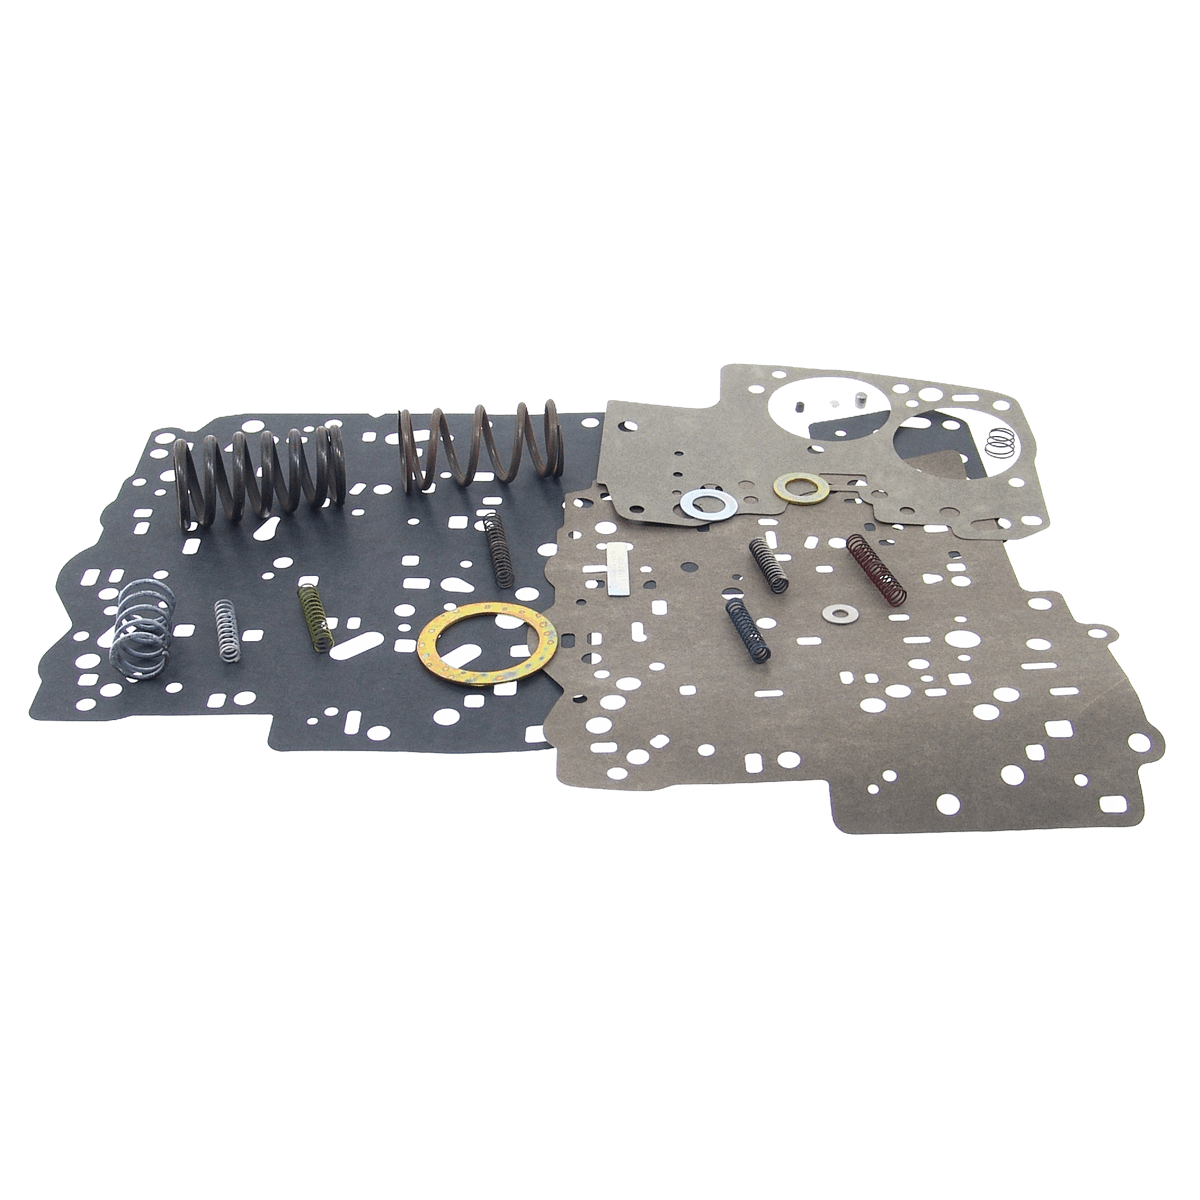 GM 3254L SHIFT KIT® Valve Body Repair Kit